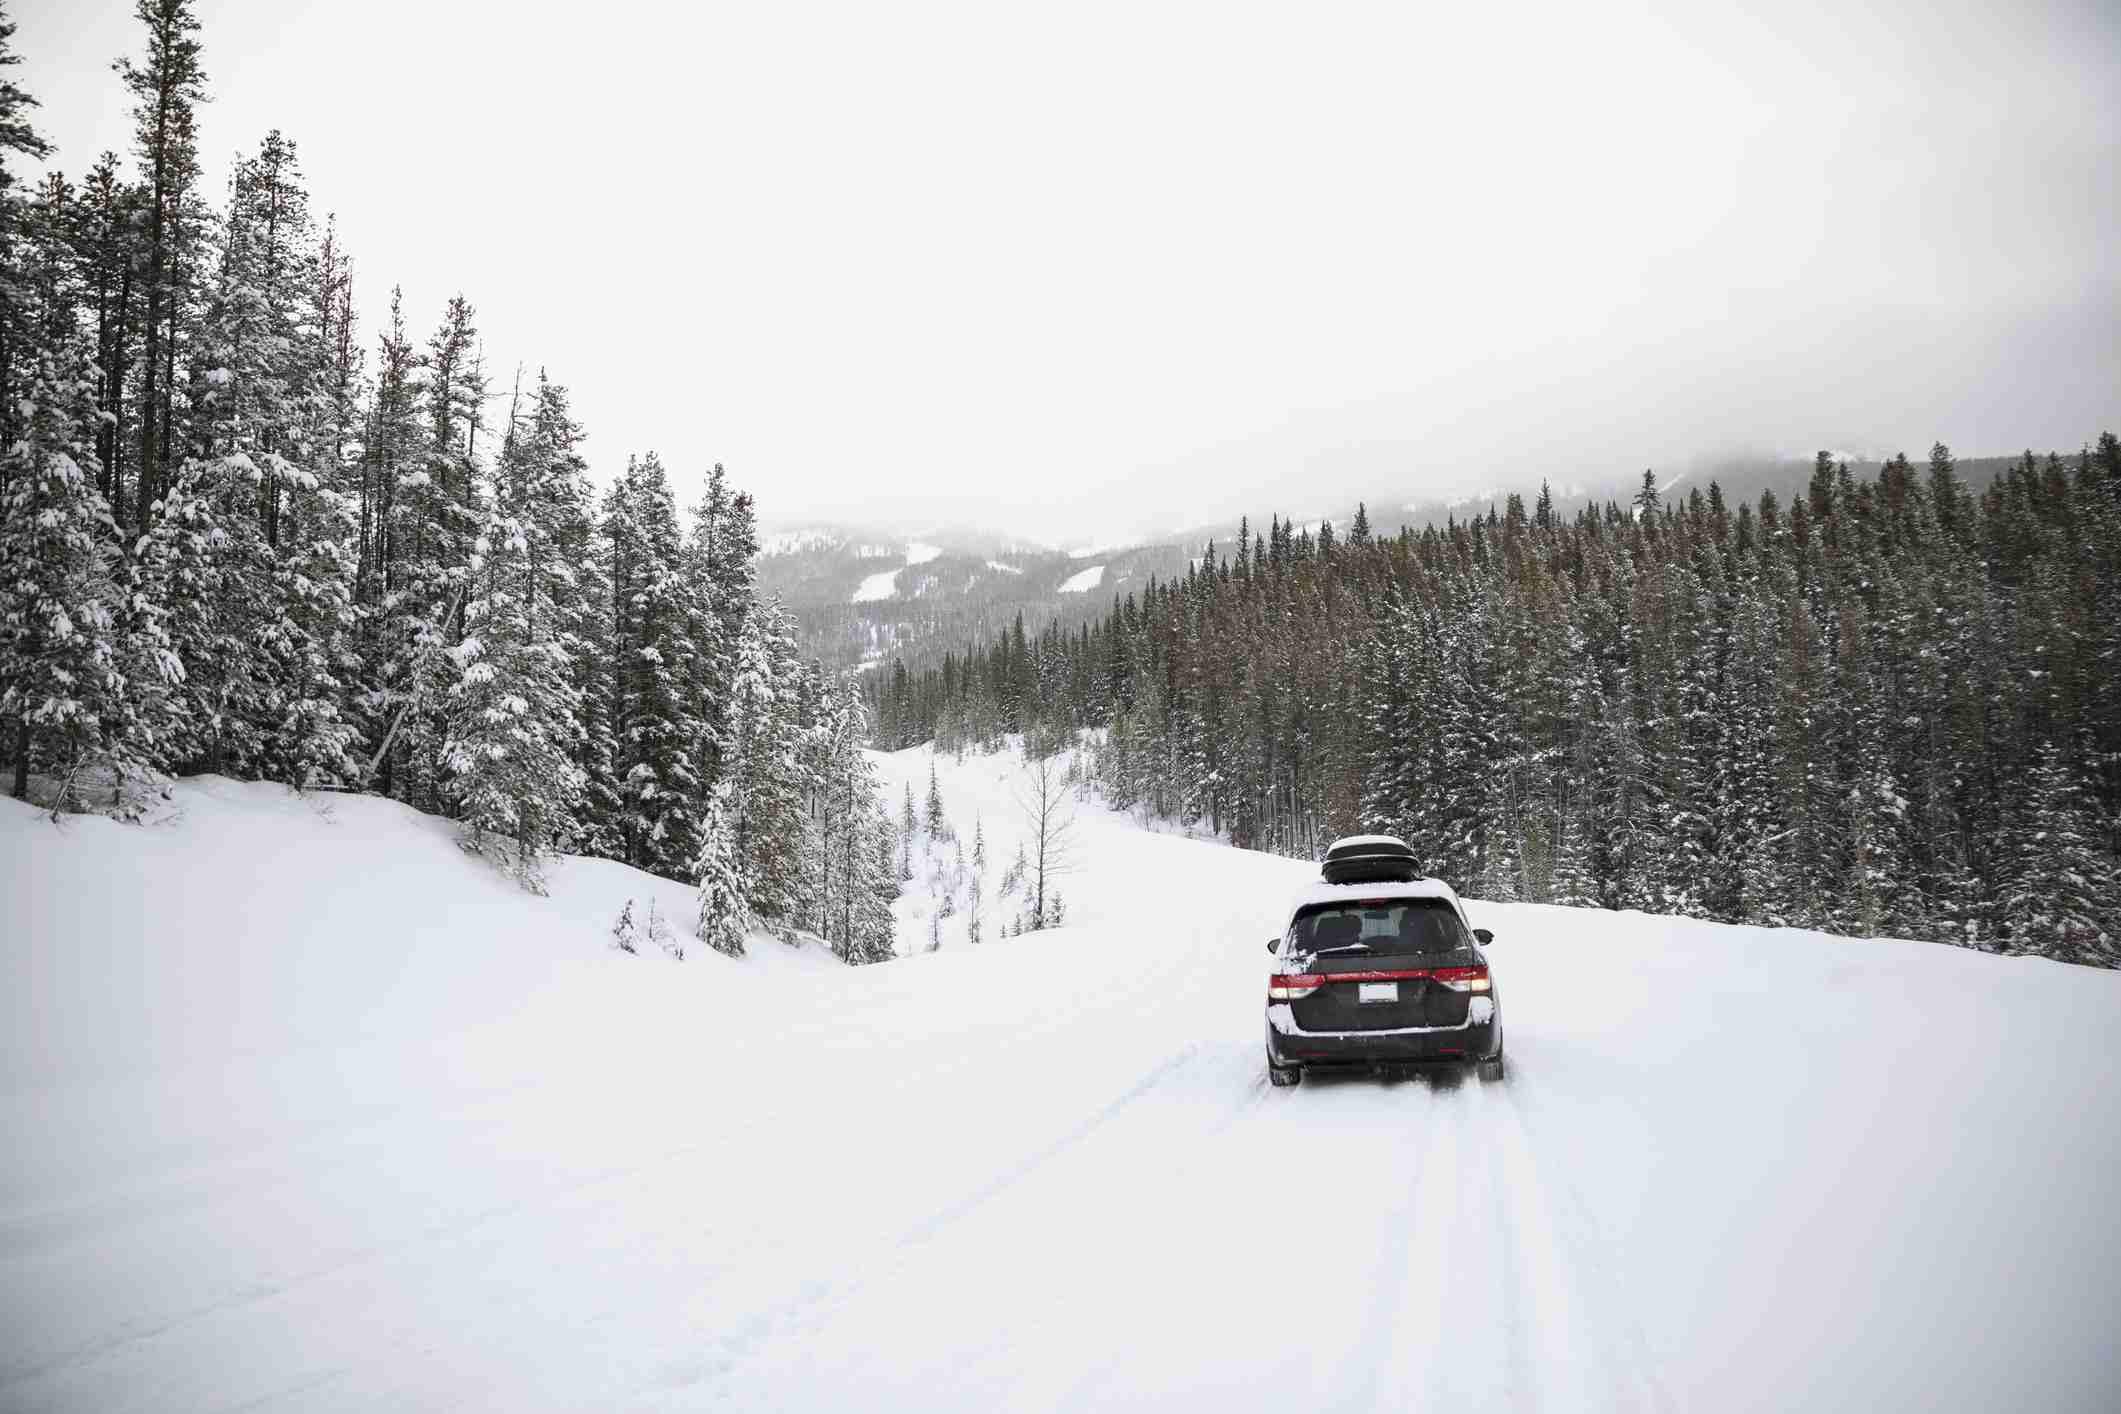 Conducir un automóvil en un lugar cubierto de nieve paisaje